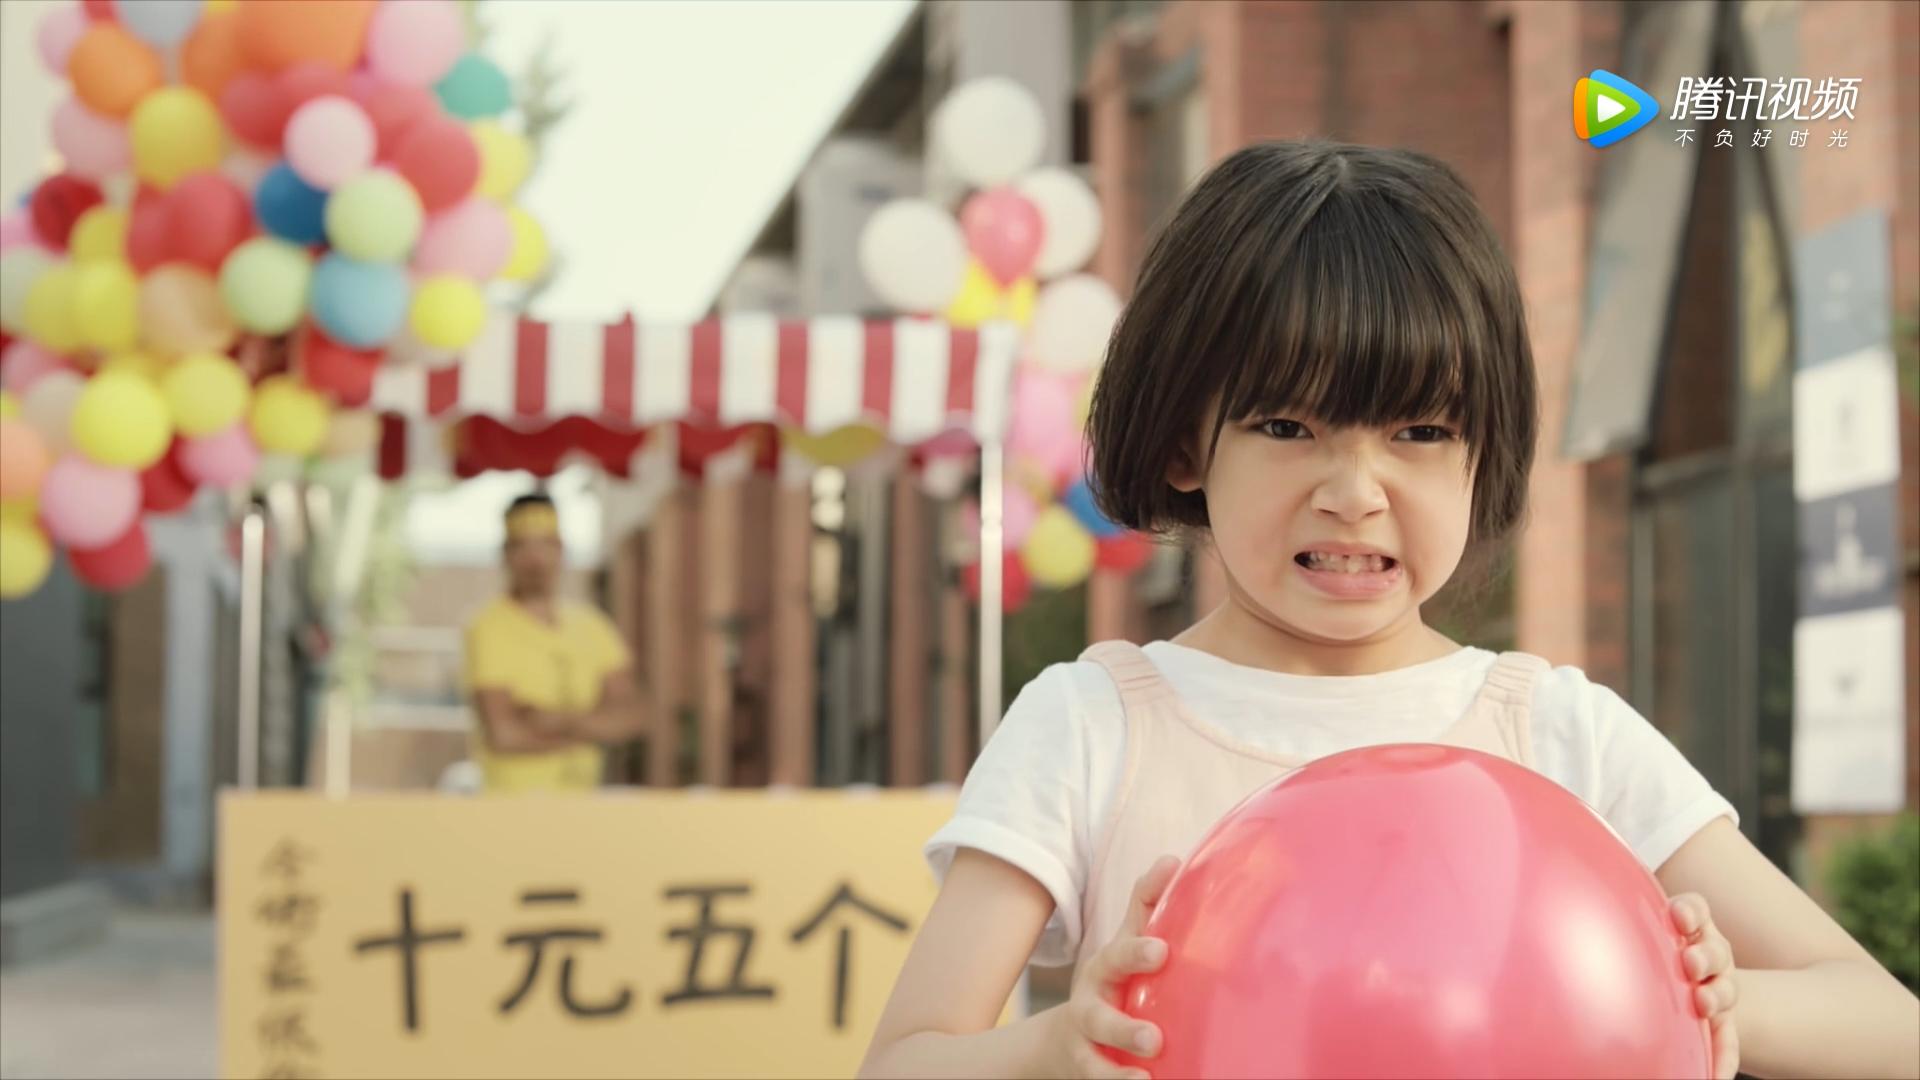 《万万没想到居然是这个结局》-苏宁泰式神广告